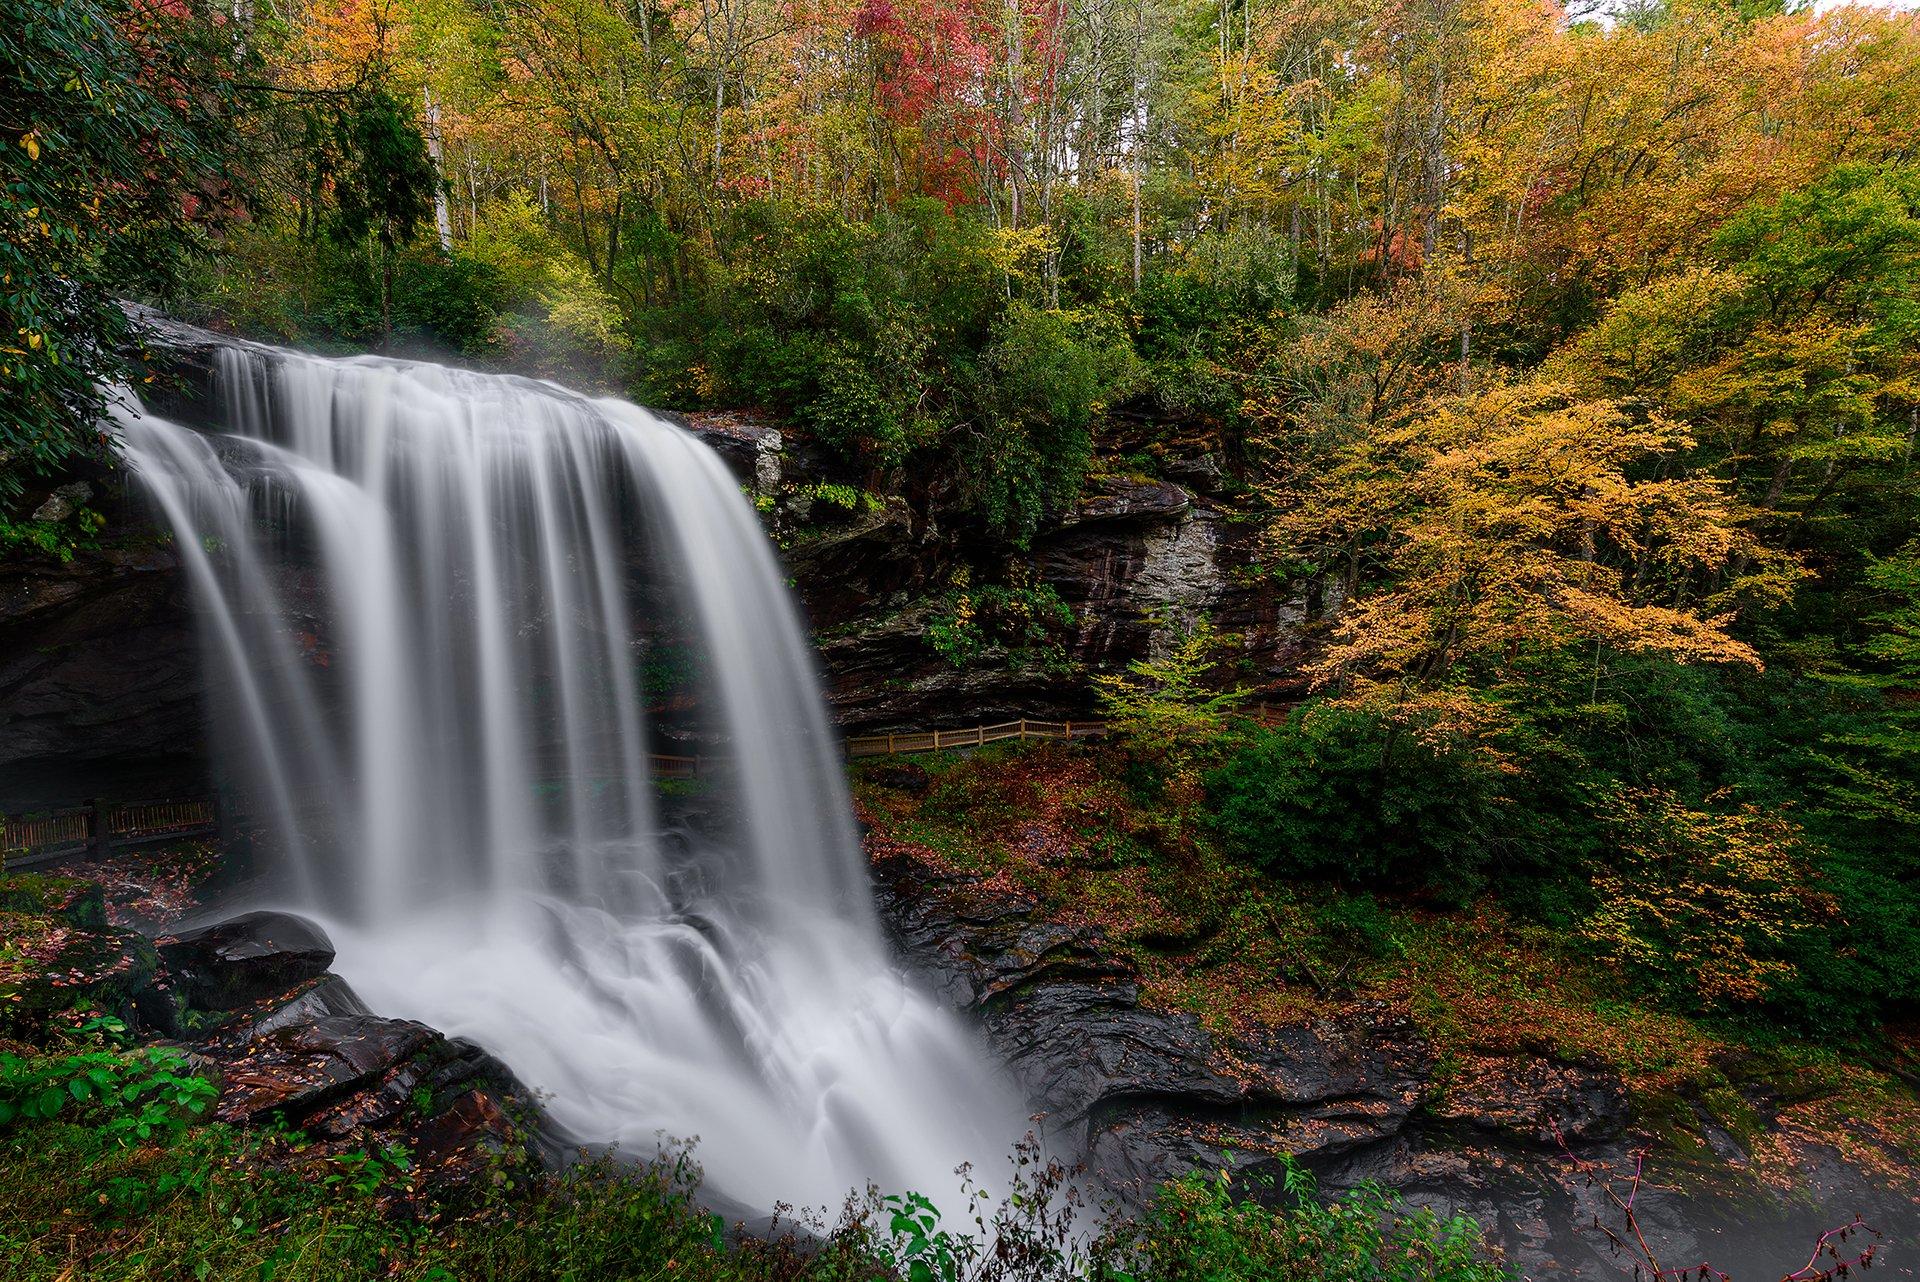 Galaxy S5 Fall Wallpaper Autumn At Dry Falls Highlands North Carolina Hd Wallpaper